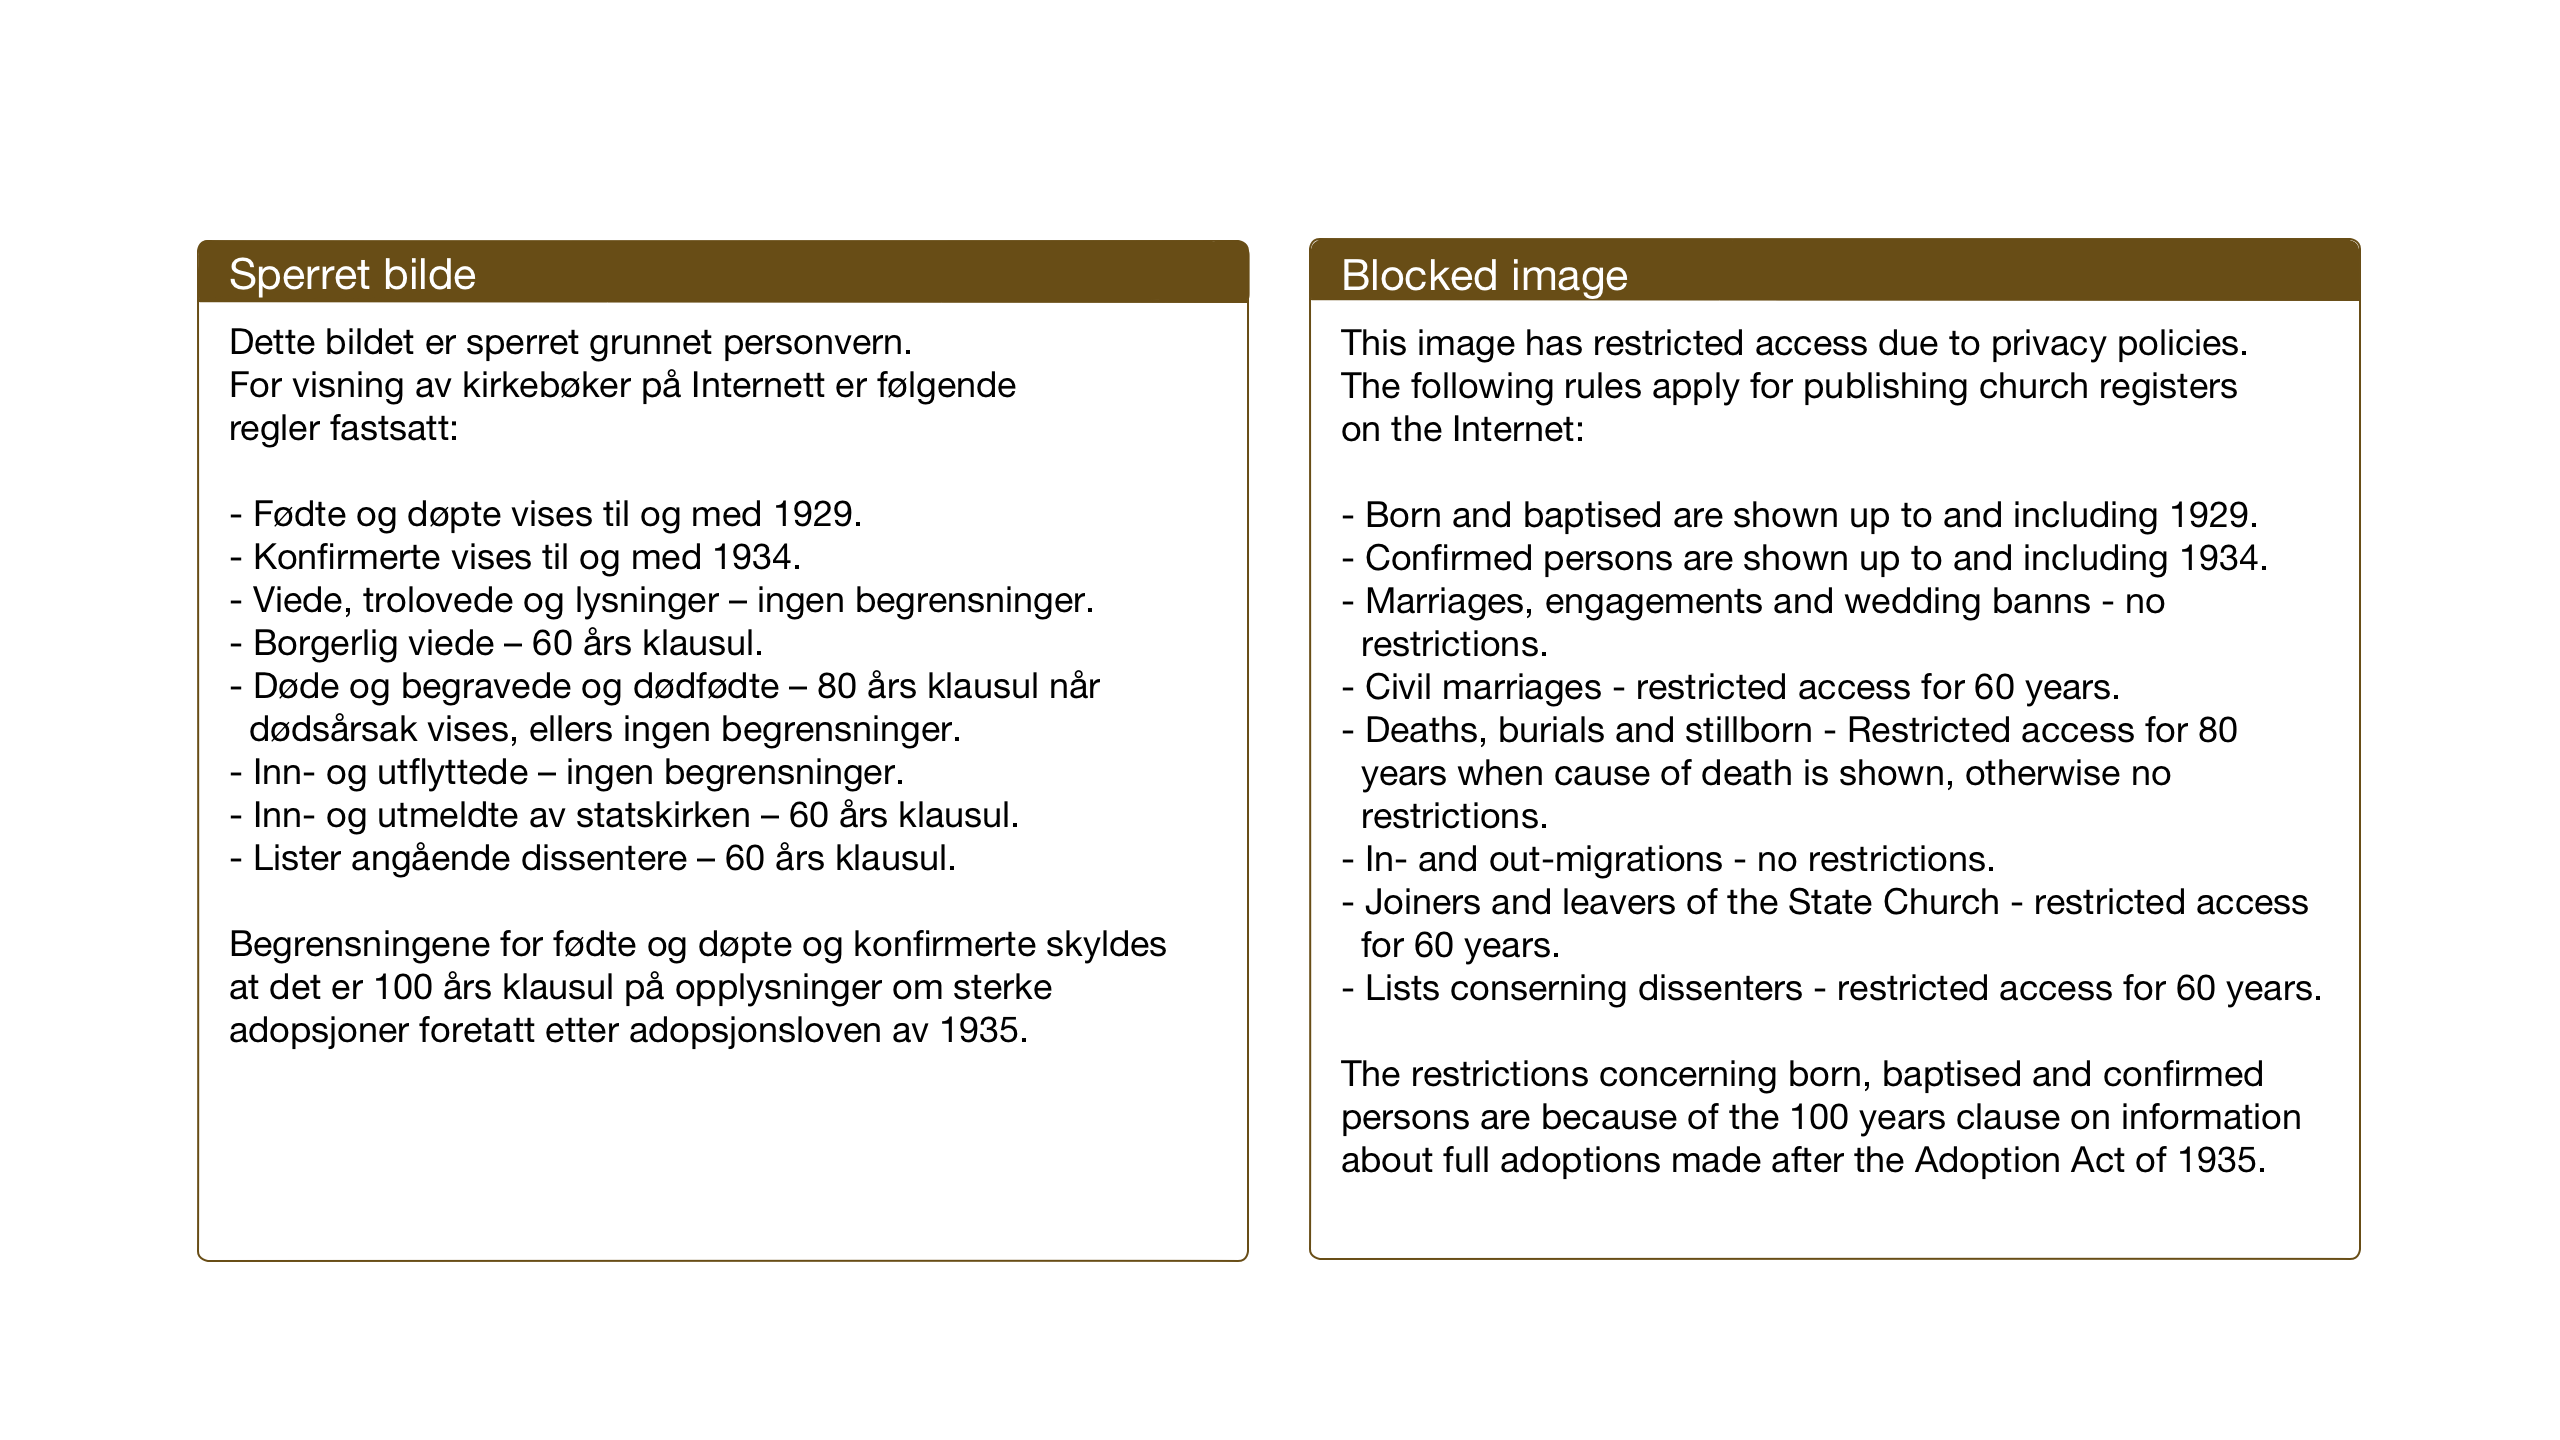 SAT, Ministerialprotokoller, klokkerbøker og fødselsregistre - Nord-Trøndelag, 770/L0591: Klokkerbok nr. 770C02, 1902-1940, s. 83